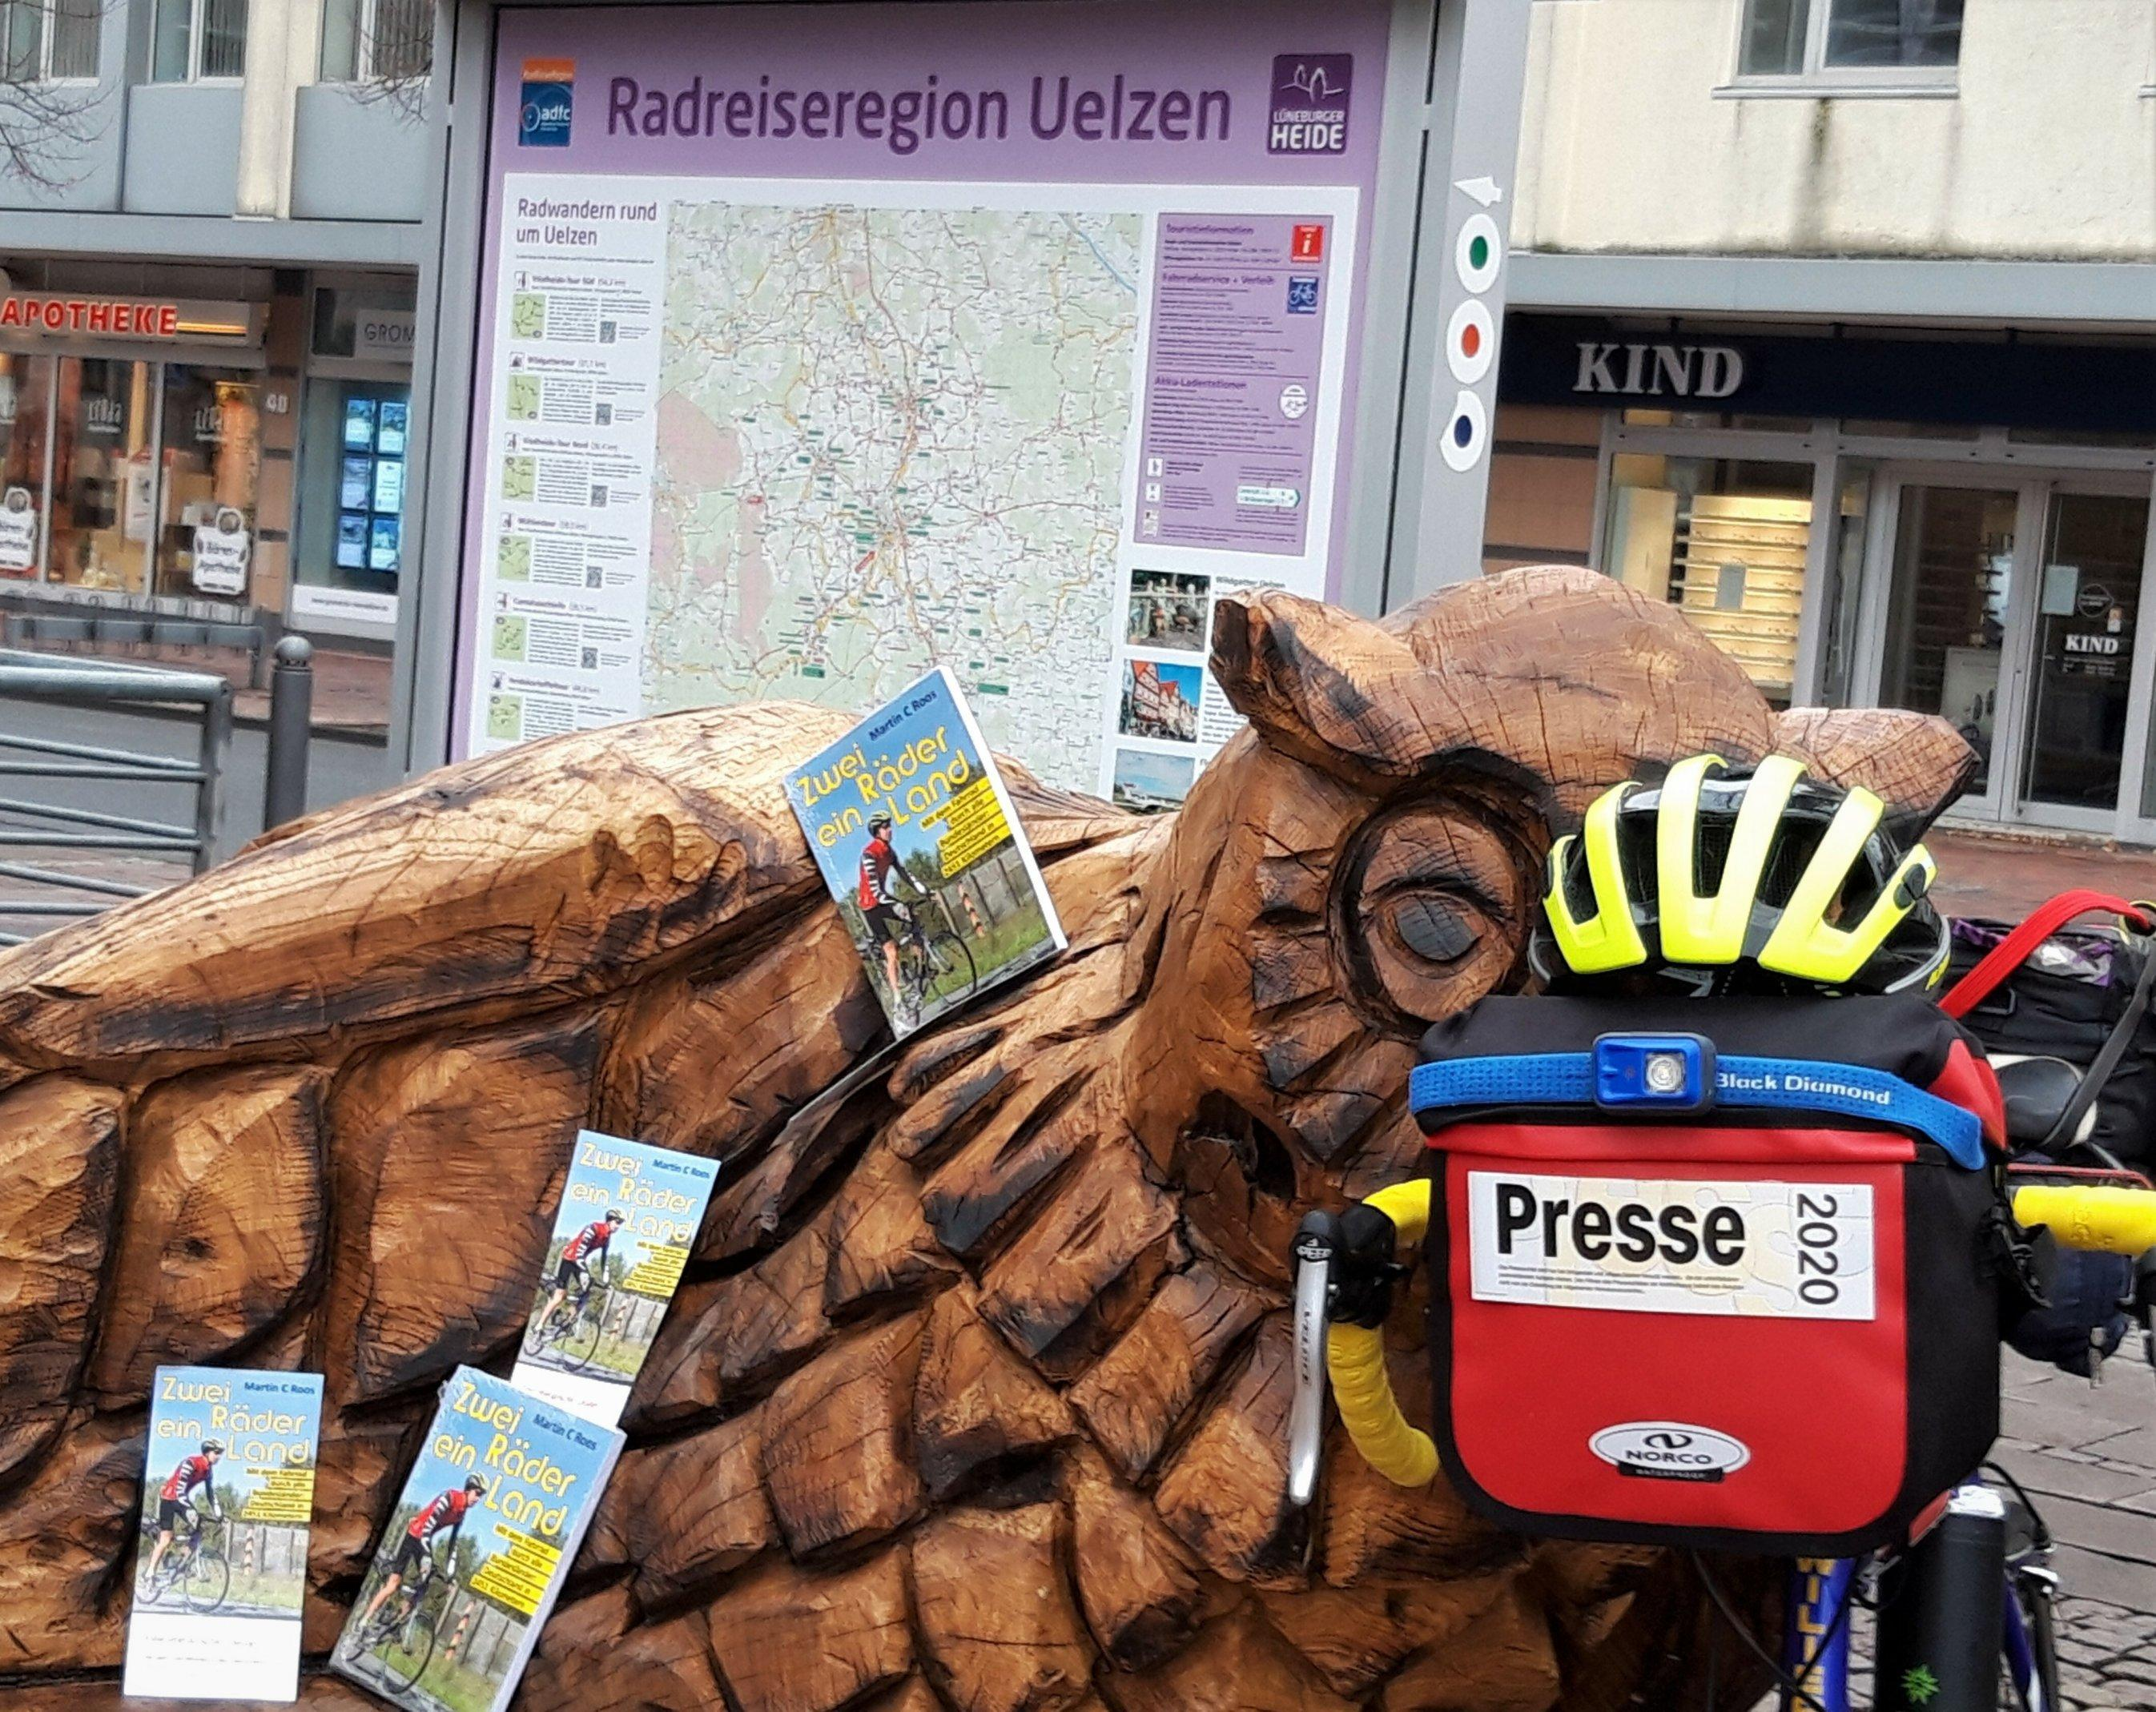 """Vor einer Tafel mit der Aufschrift """"Radreiseregion Uelzen"""" sind die Flyer des Buchs """"Zwei Räder, ein Land"""" auf einer Holzbank verteilt."""